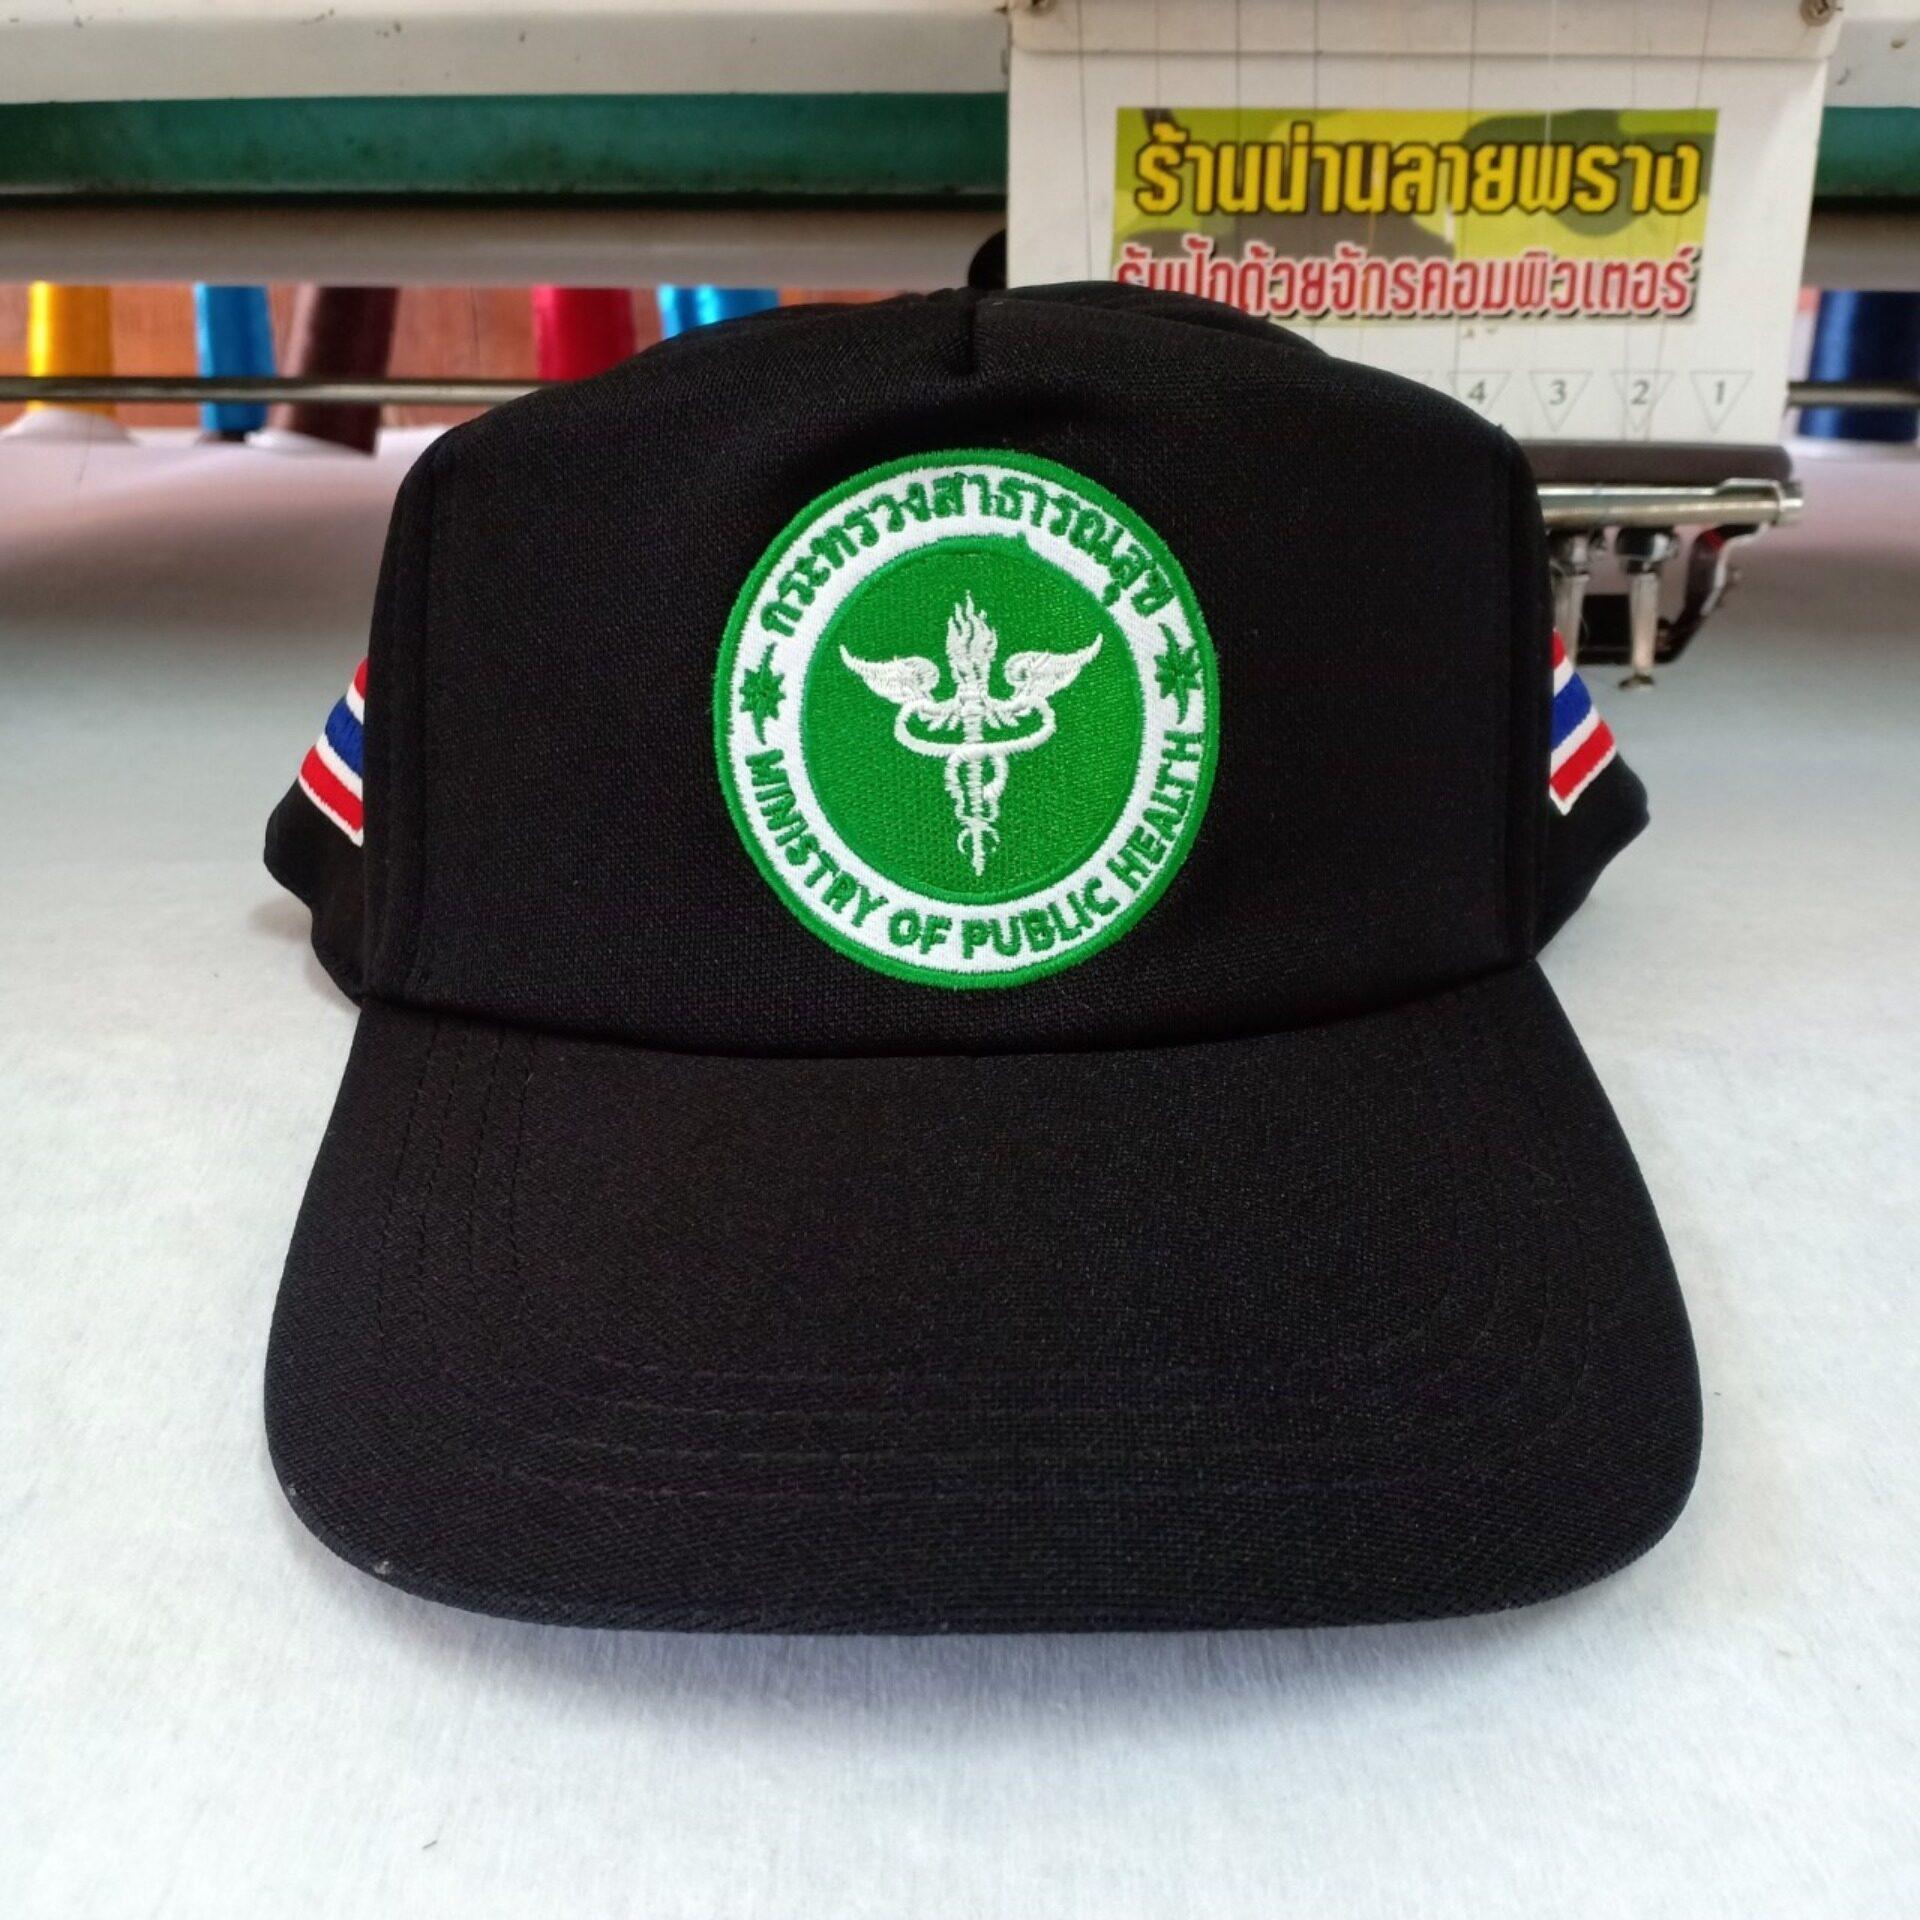 หมวกกระทรวงสาธารณสุข.